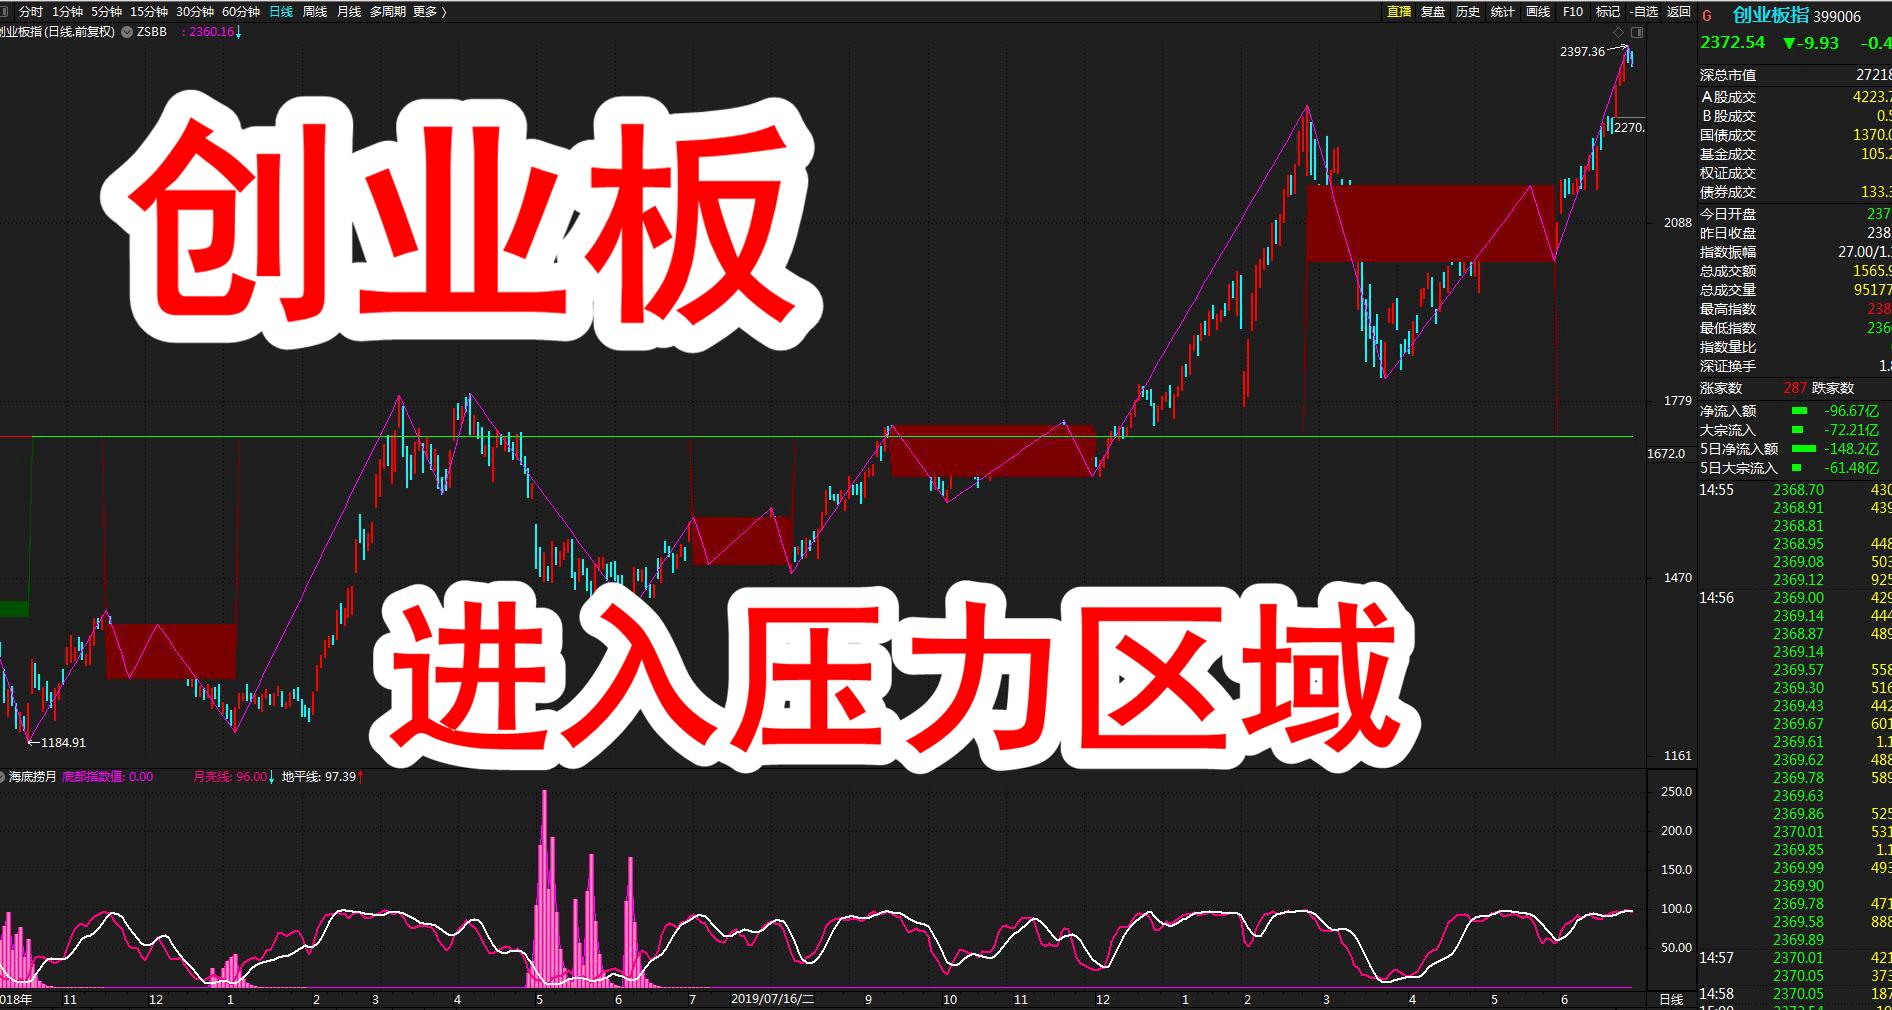 股市大盘:创业板进入重要压力位区域,即将进入准背驰状态!(6月29日)